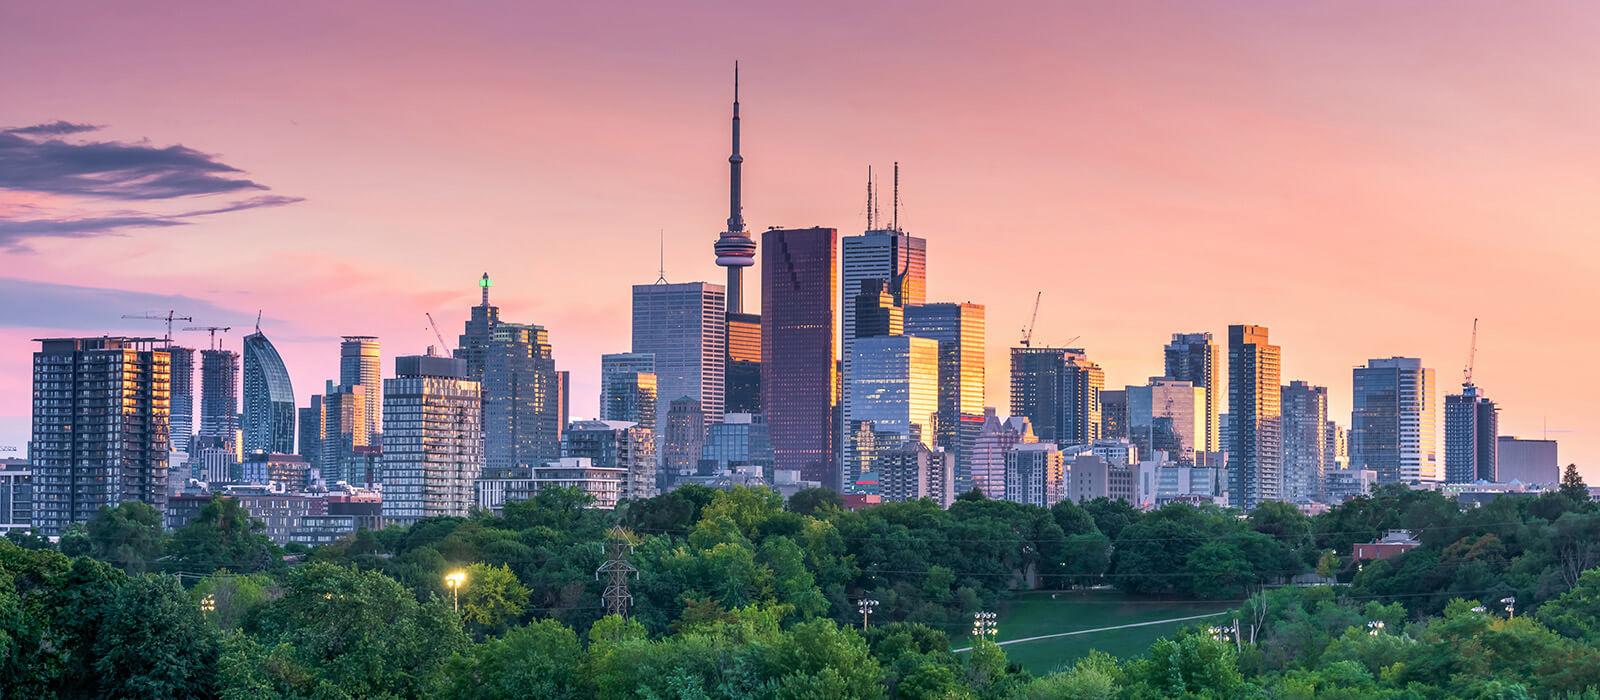 Slideshow Image - Toronto, Ontario Skyline